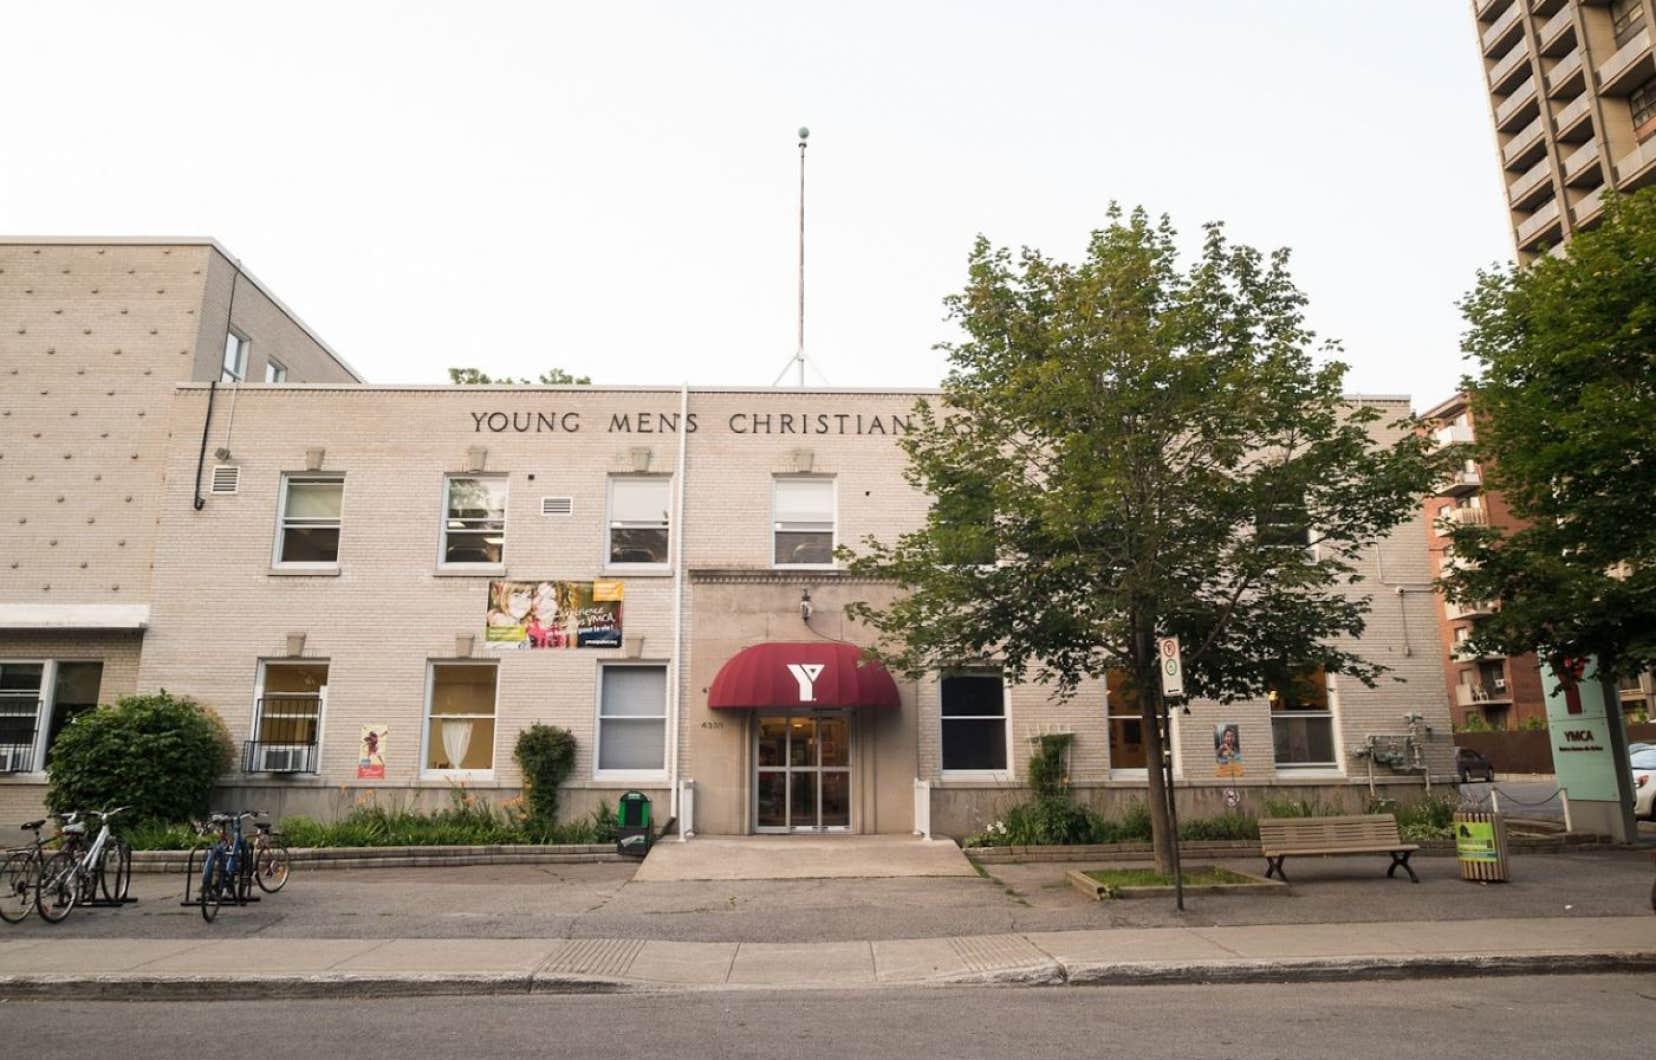 Dans Notre-Dame-de-Grâce, des citoyens craignent que leur YMCA ne rouvre jamais ses portes compte tenu de la chute des revenus de l'organisation.